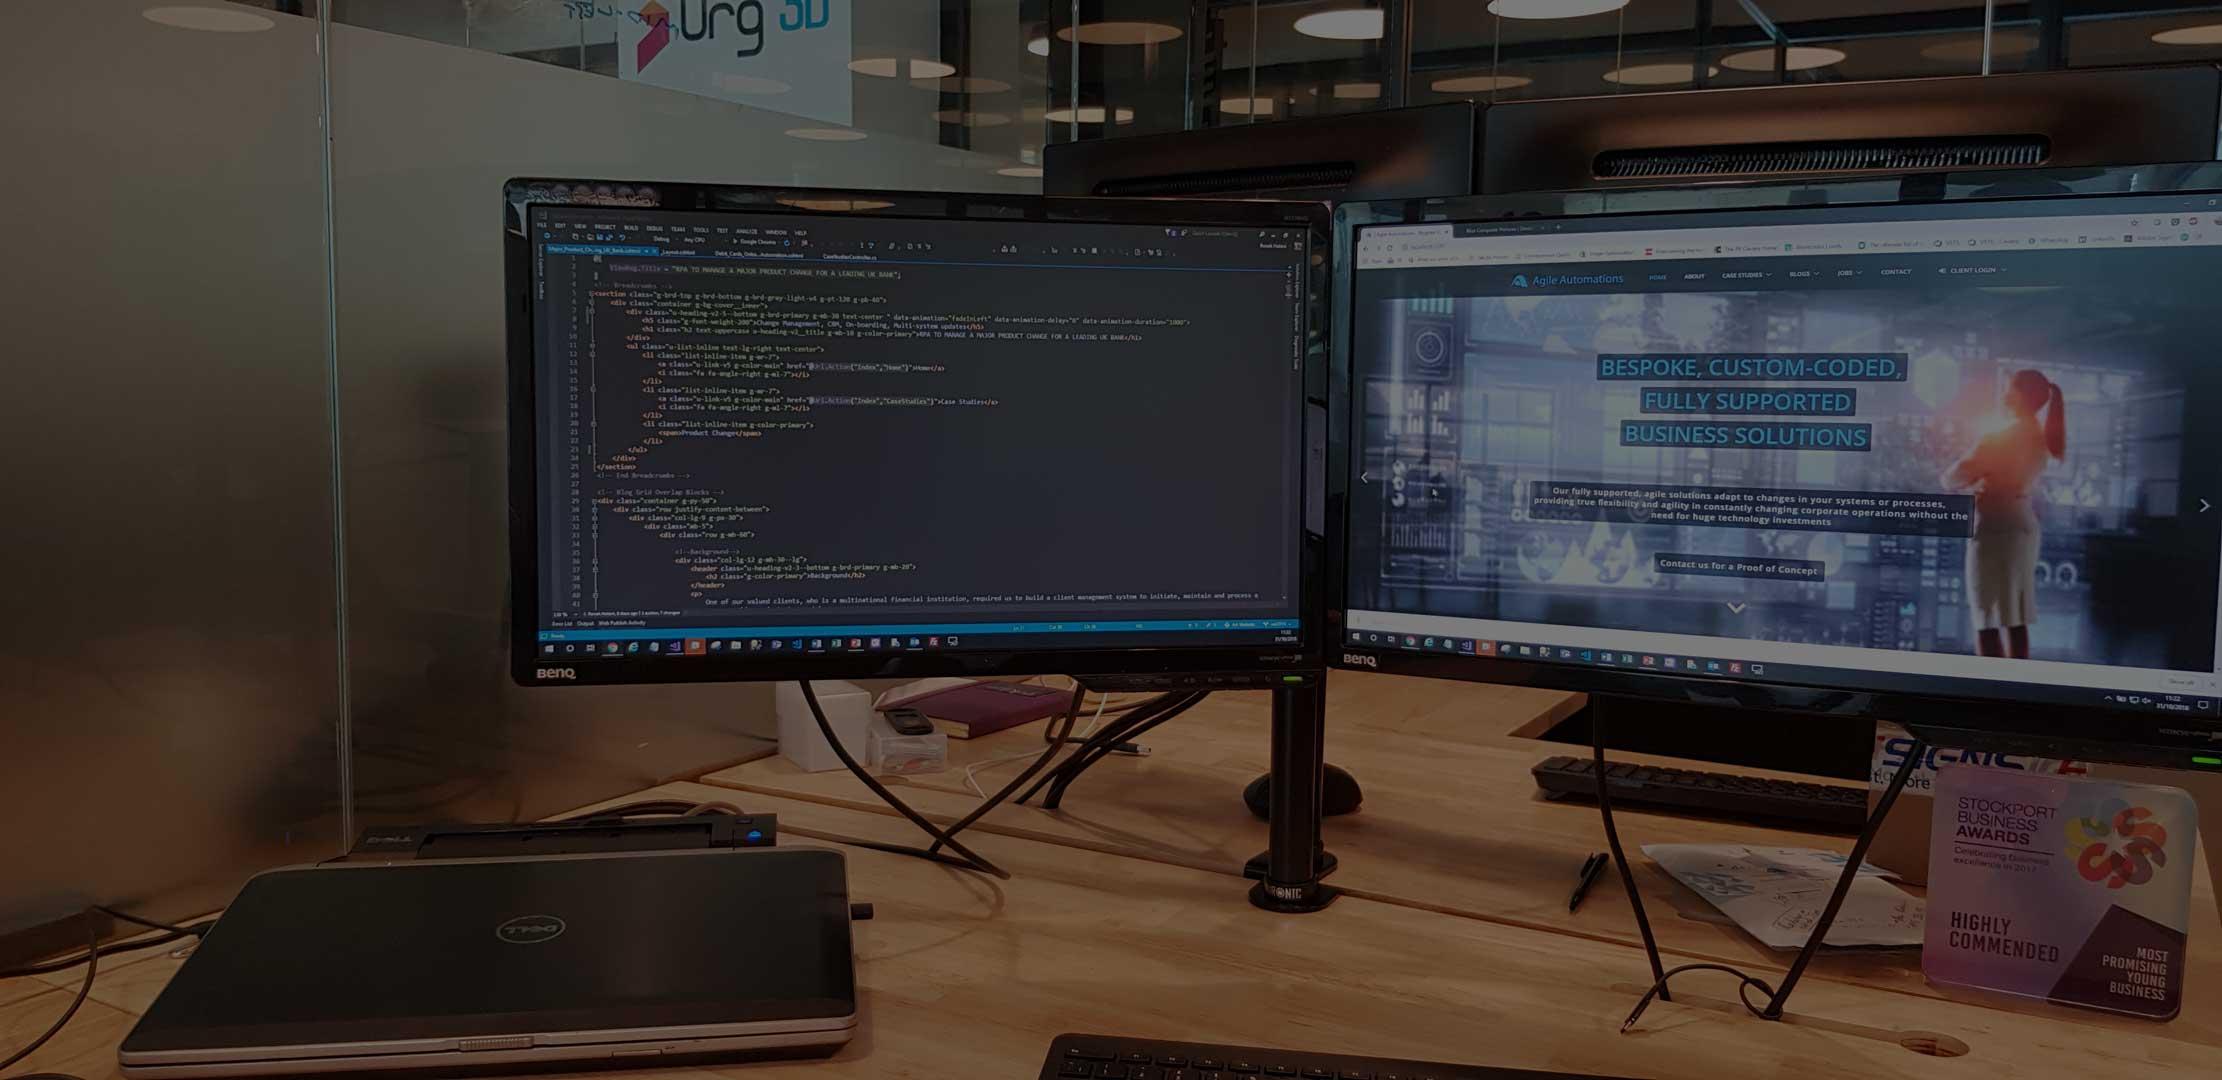 Agile RPA Developer's Desk